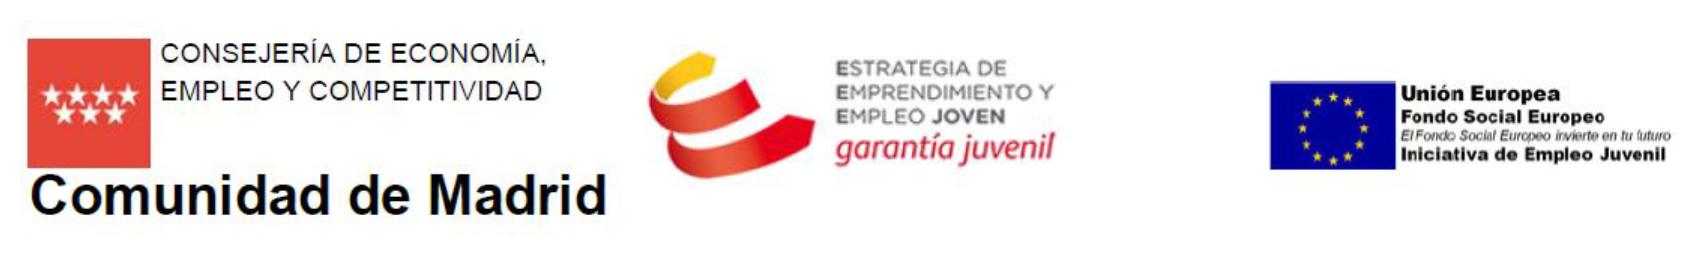 Logos_CAM_GarantíaJuvenil_UE